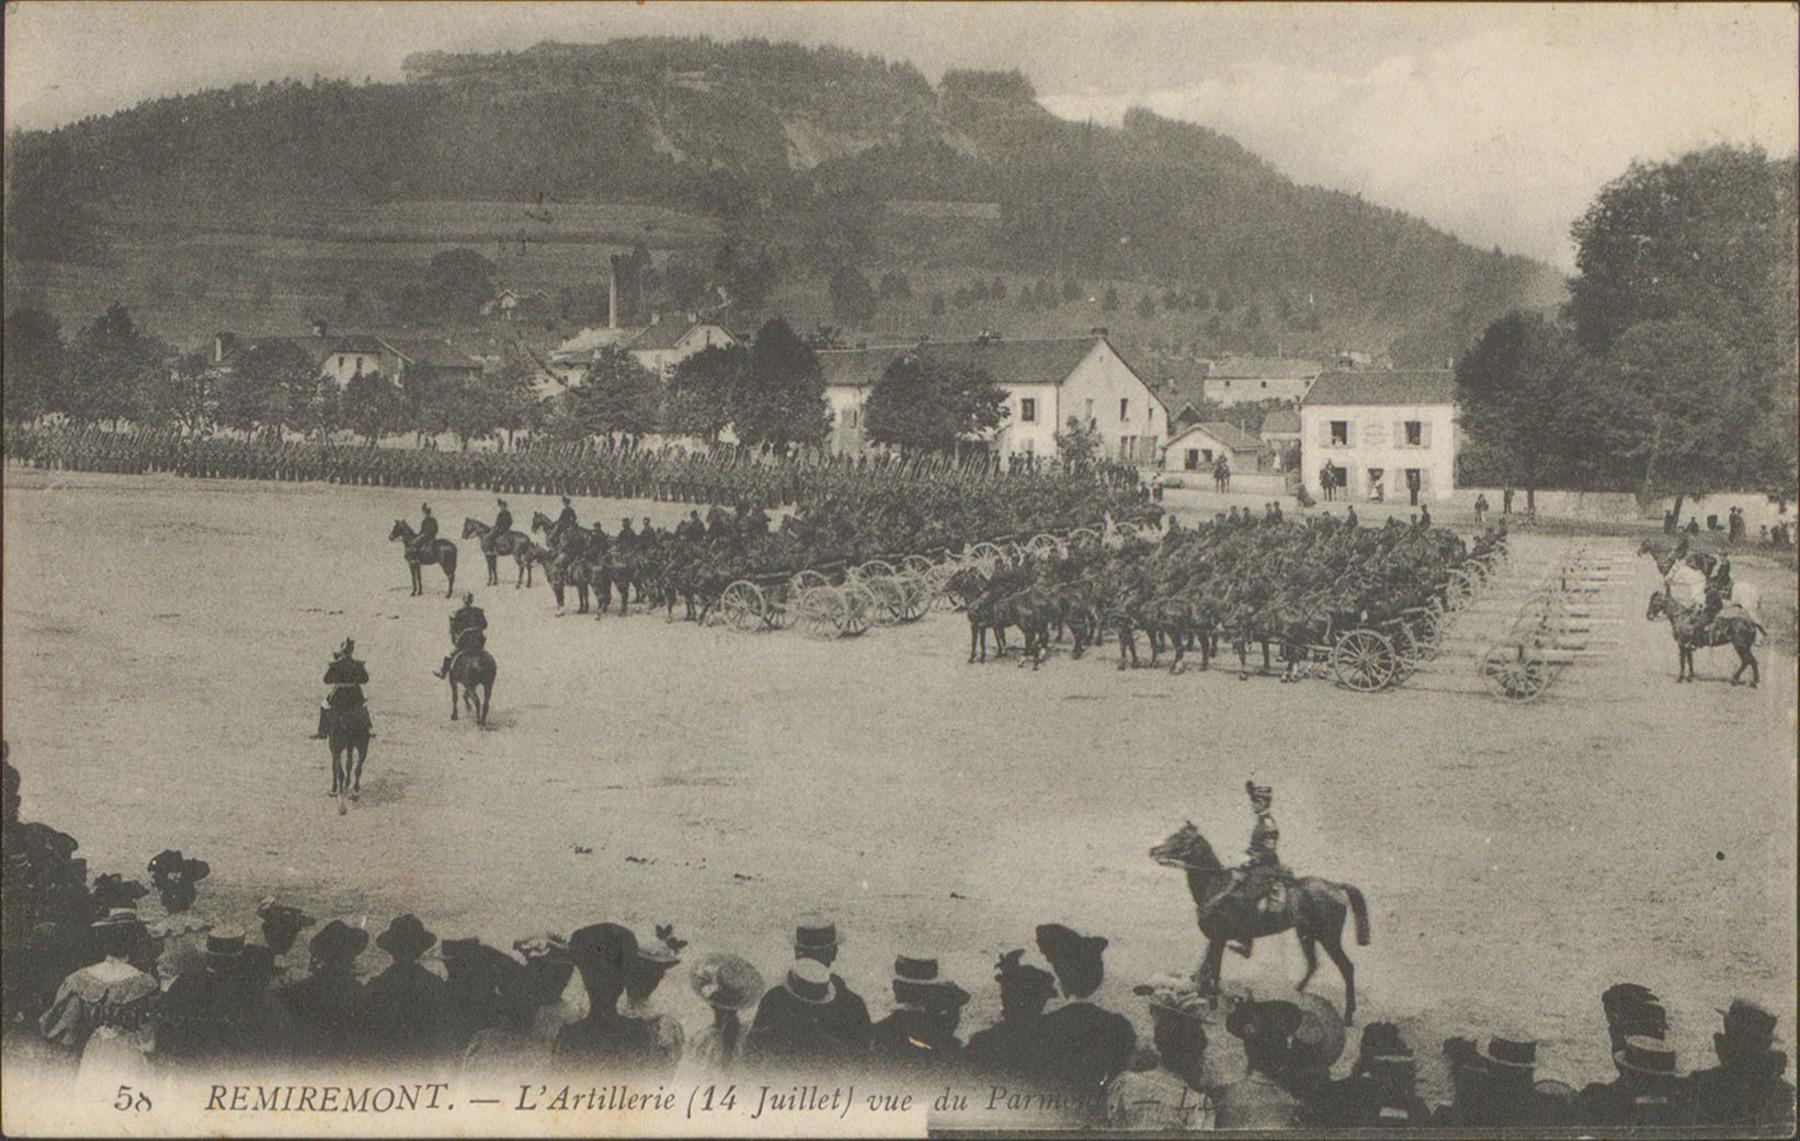 Contenu du L'artillerie de Remiremont